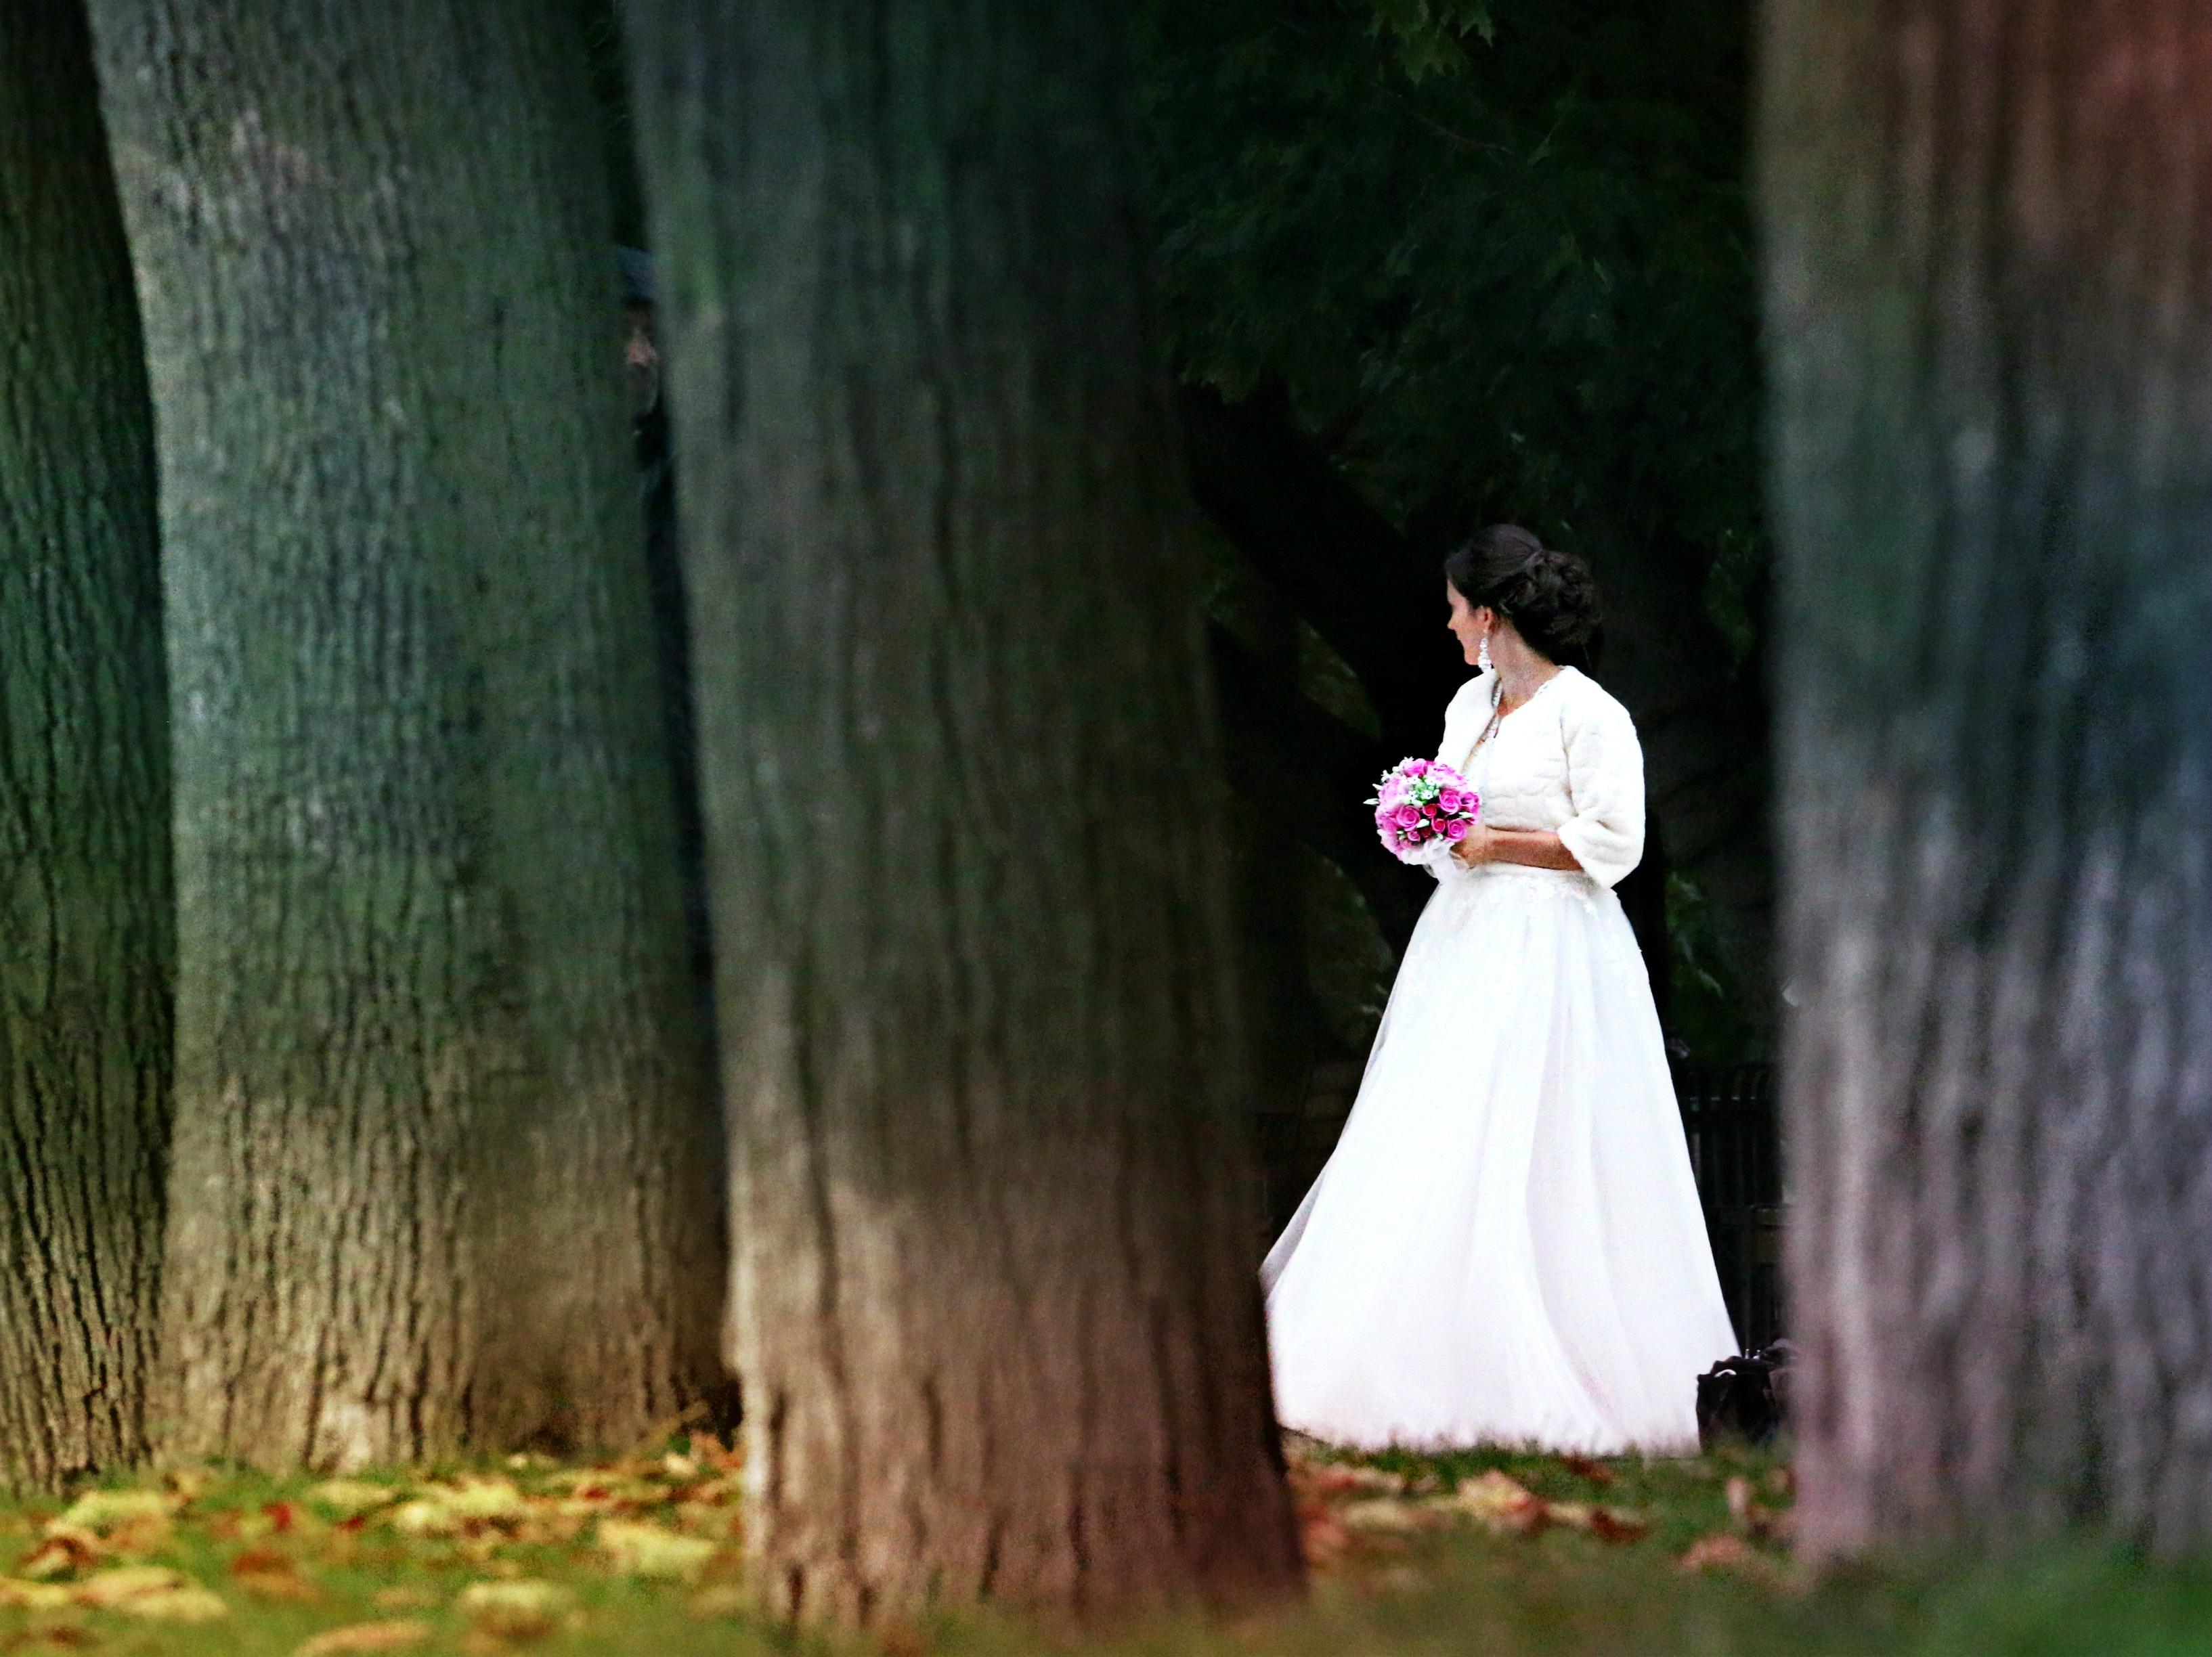 Секс жениха невесты фотографа вместе топчут член